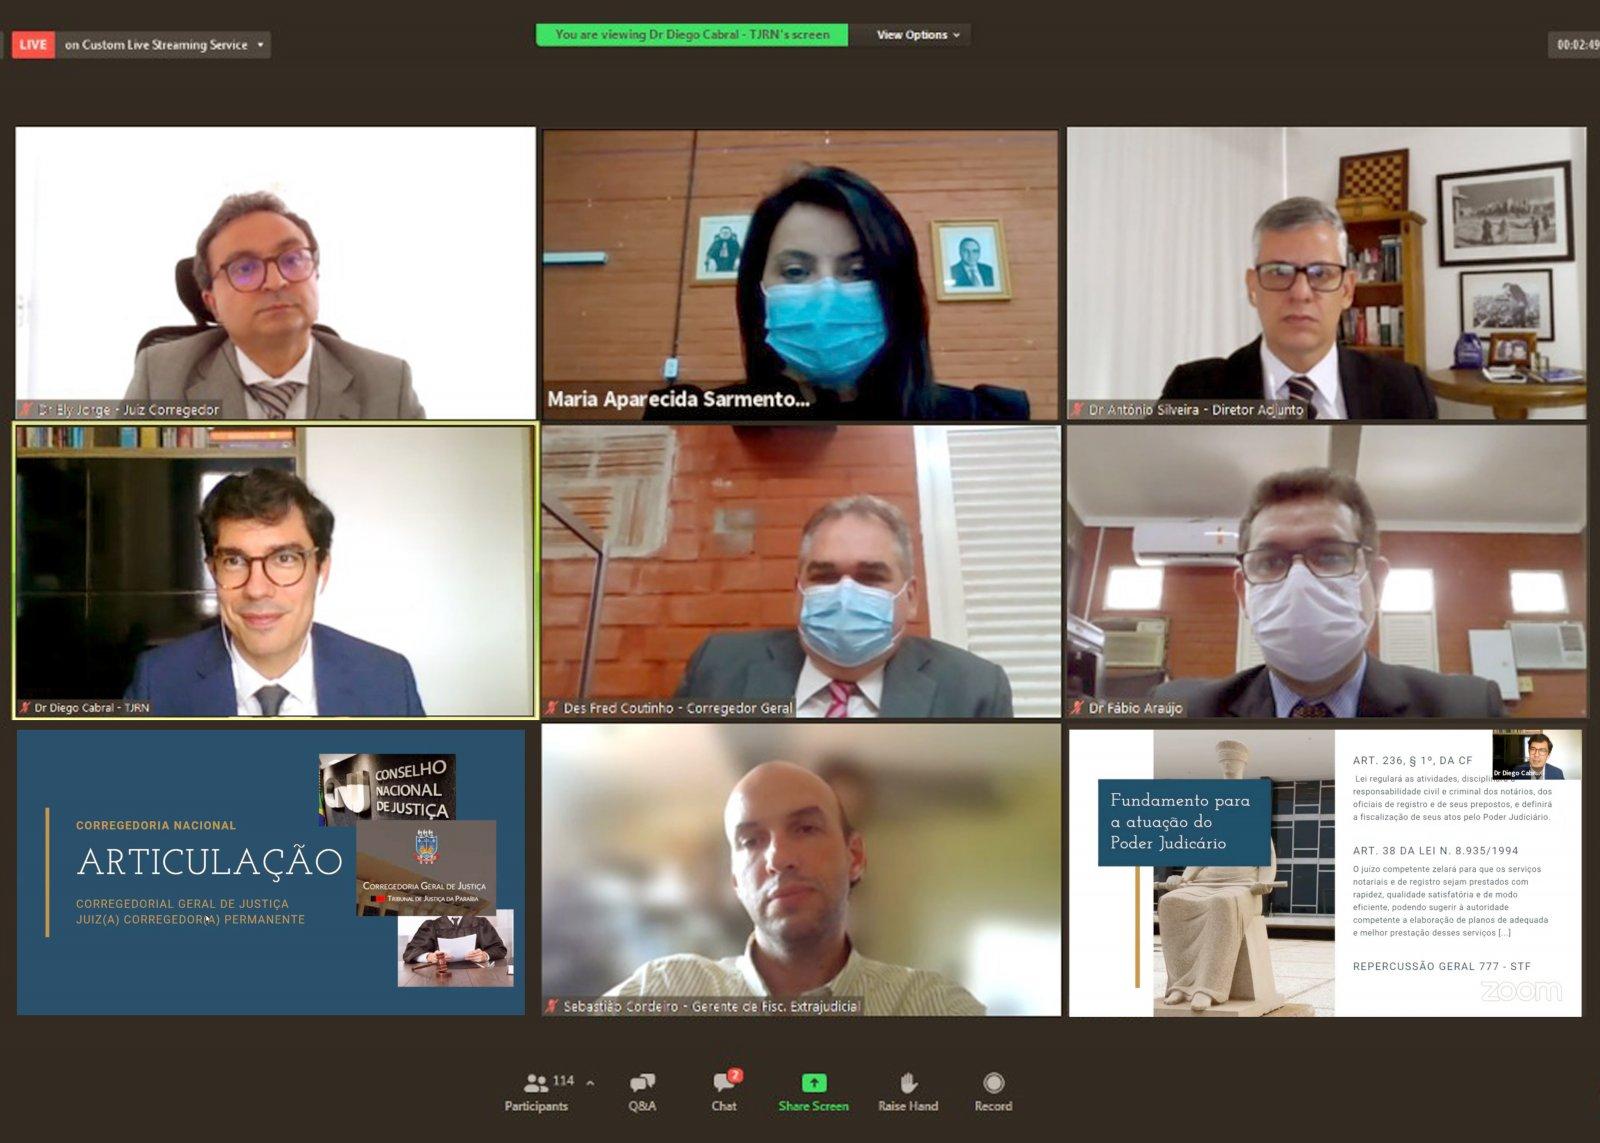 Captura de tela do webinário atuação dos magistrados nos serviços extrajudiciais